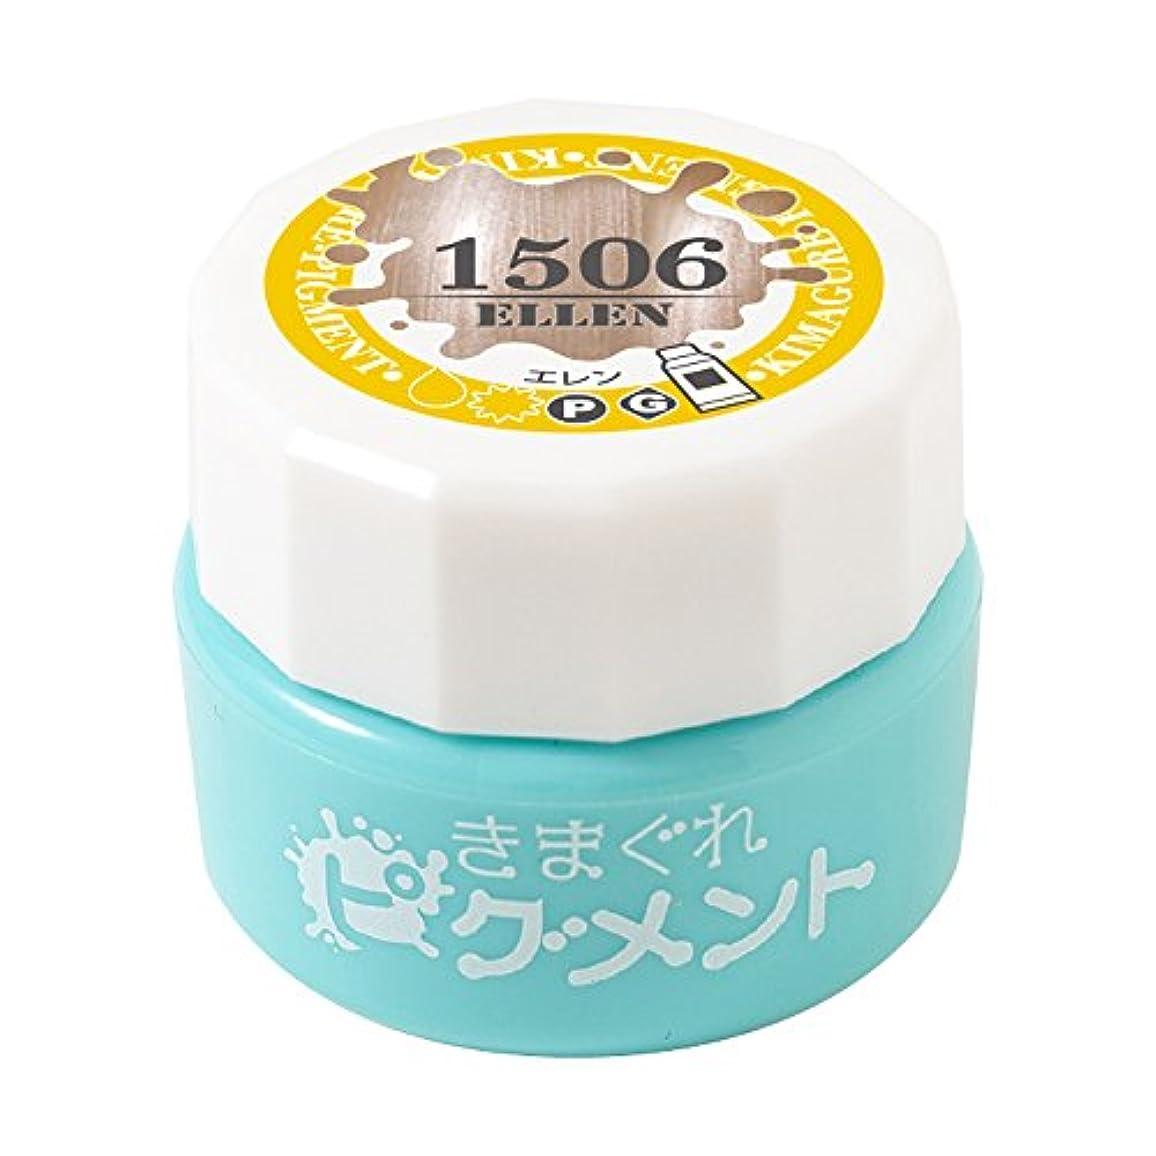 Bettygel きまぐれピグメント エレン QYJ-1506 4g UV/LED対応